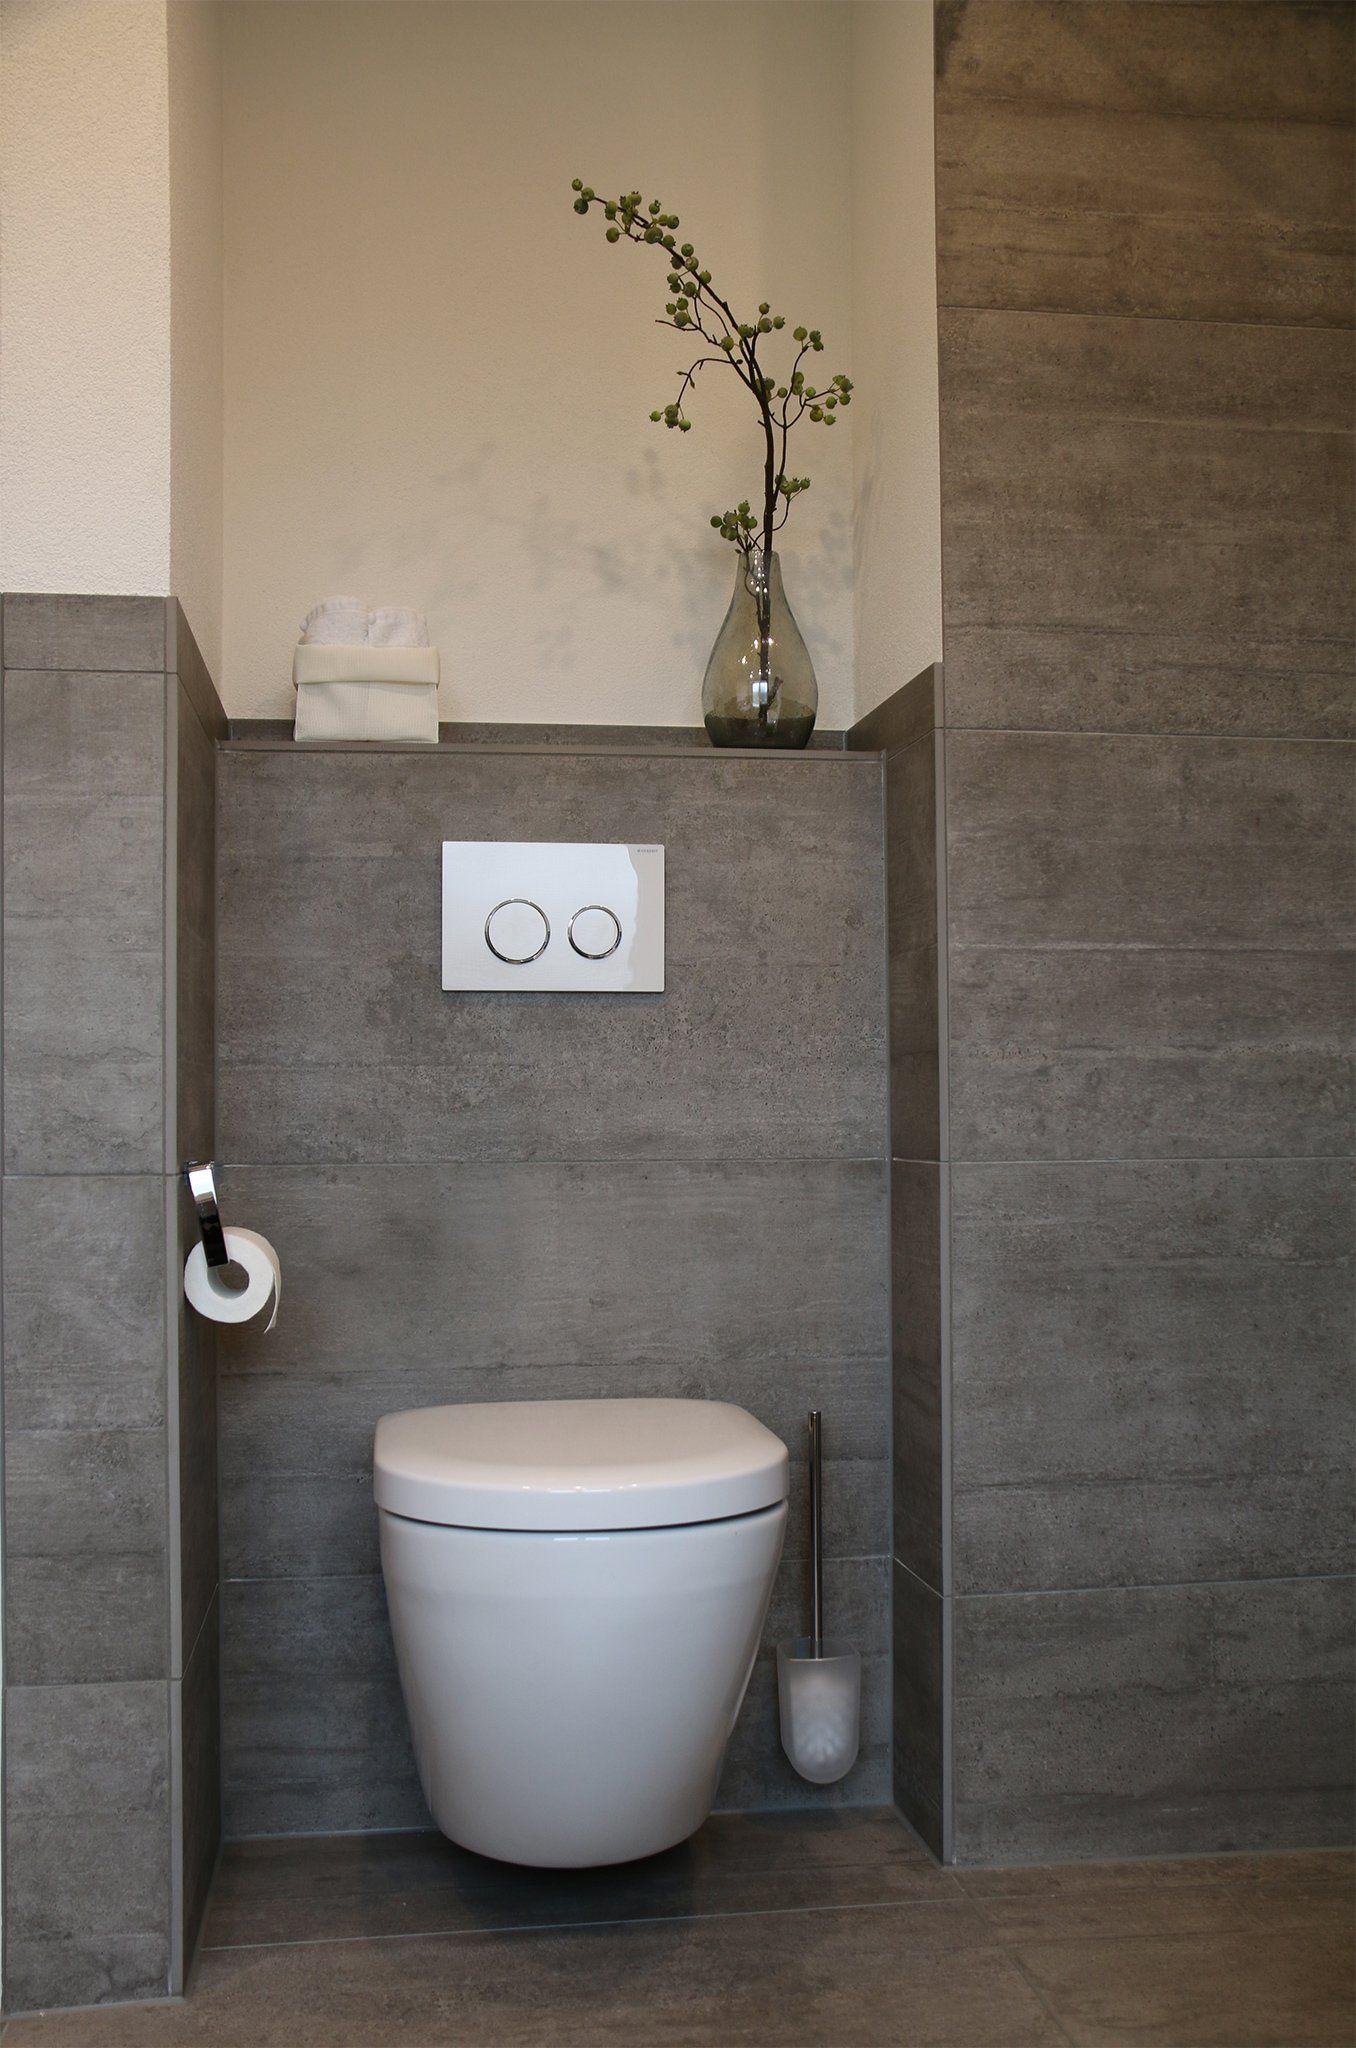 Graues Badezimmer Mit Maritimem Touch 14467 Potsdam Badezimmer Badezimmer Grau Bad Fliesen